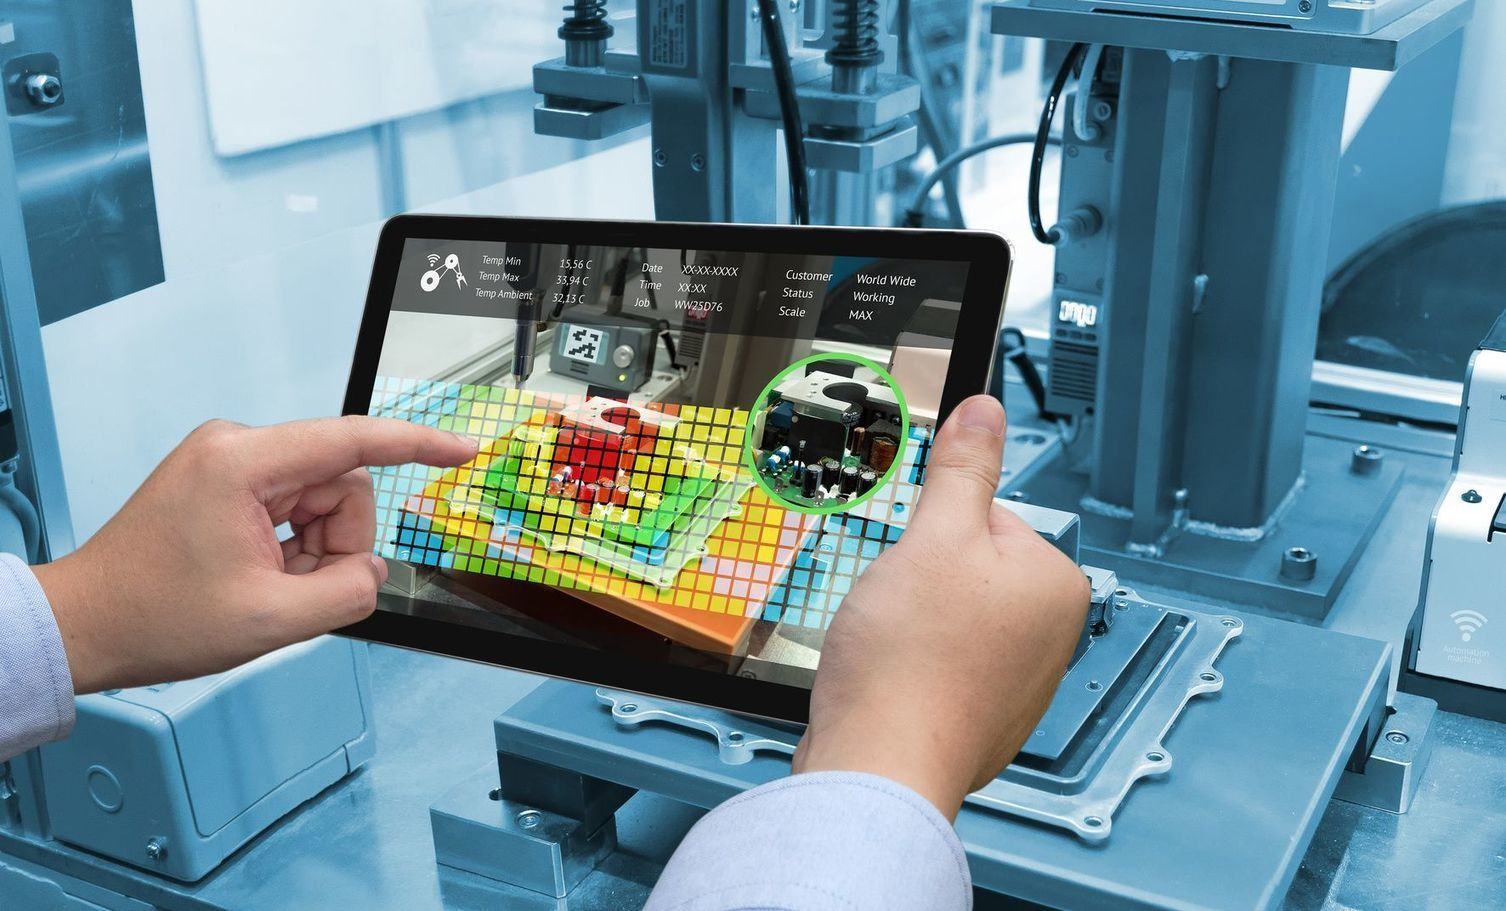 perchè una pmi dovrebbe investire in un'app di realtà aumentata?